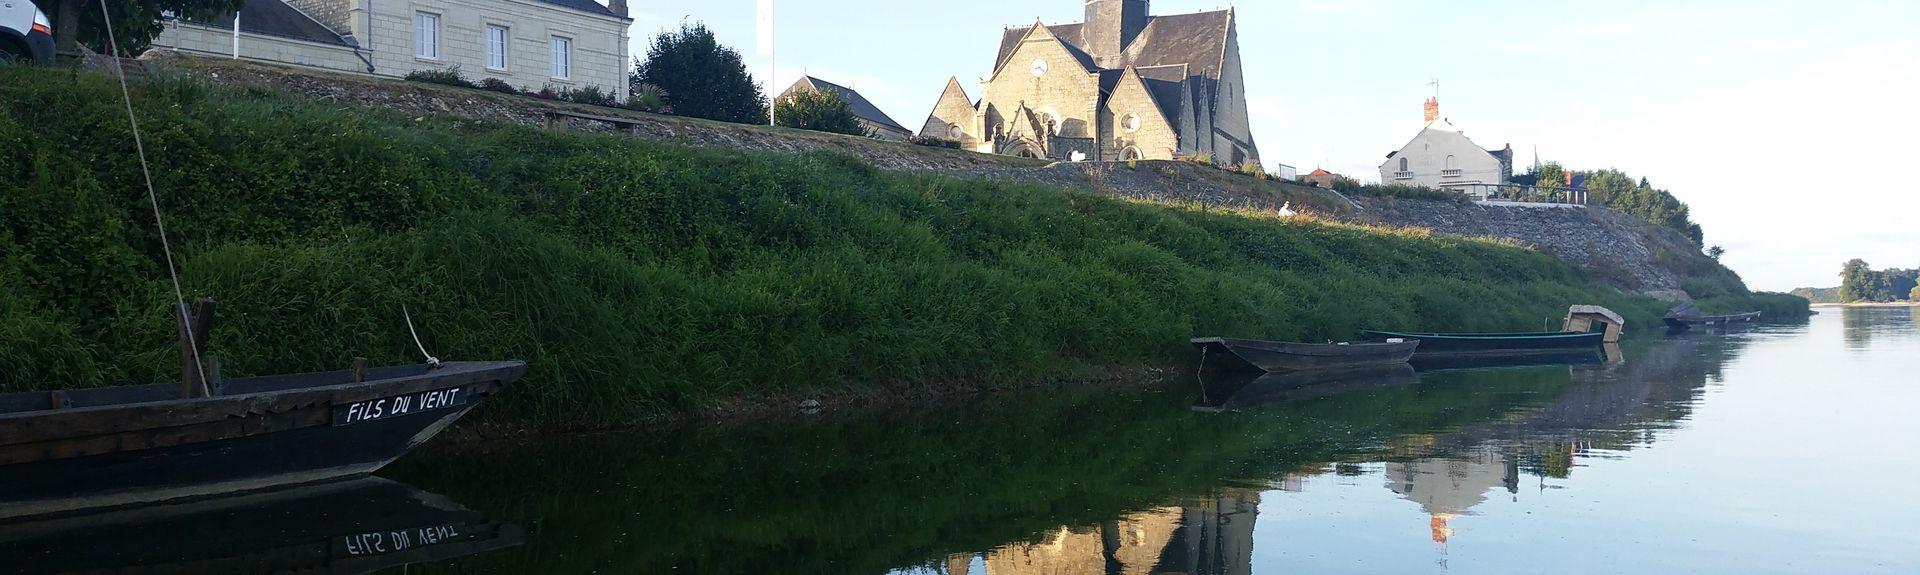 Azay-le-Rideau, Indre-et-Loire (département), France